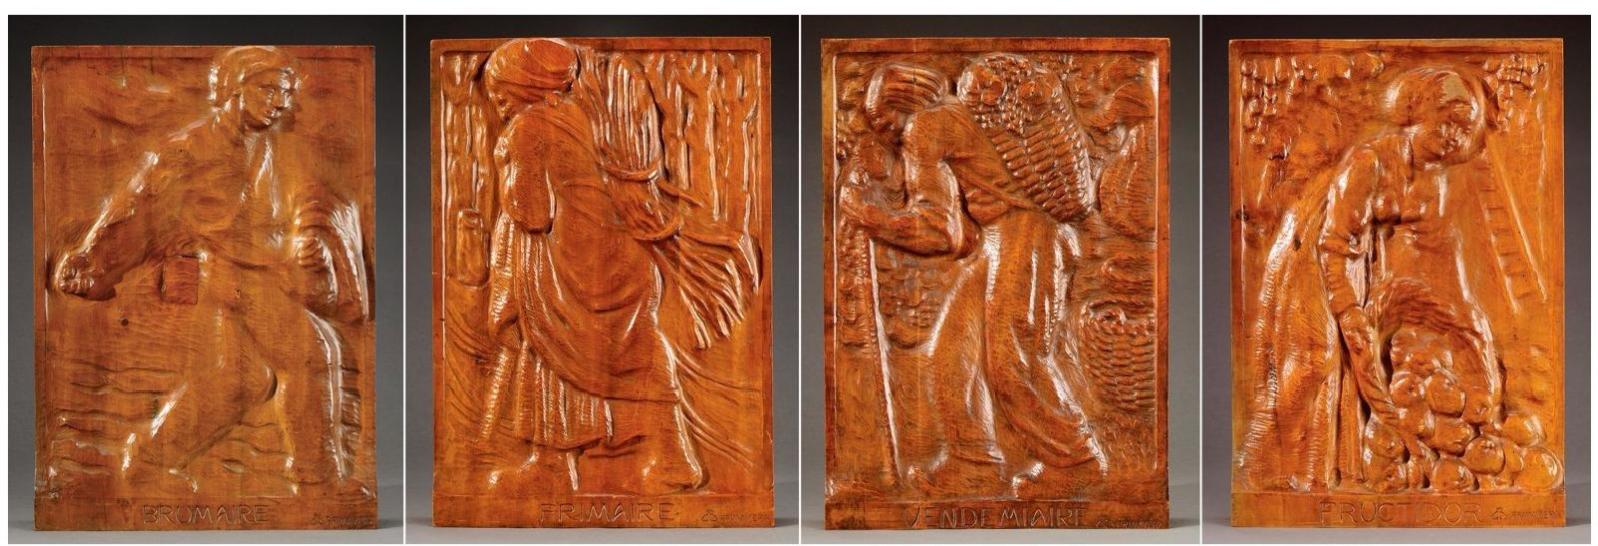 """Edouard Chassaing (1895-1974) pour Primavera, Suite de Quatre Panneaux, noyer sculpté, mois du calendrier républicain """"Vendemiaire"""",""""Brumaire"""", """"Frimaire"""" et """"Fructidor"""", haut. 59,5 cm, sculptures - galerie Tourbillon, Paris"""